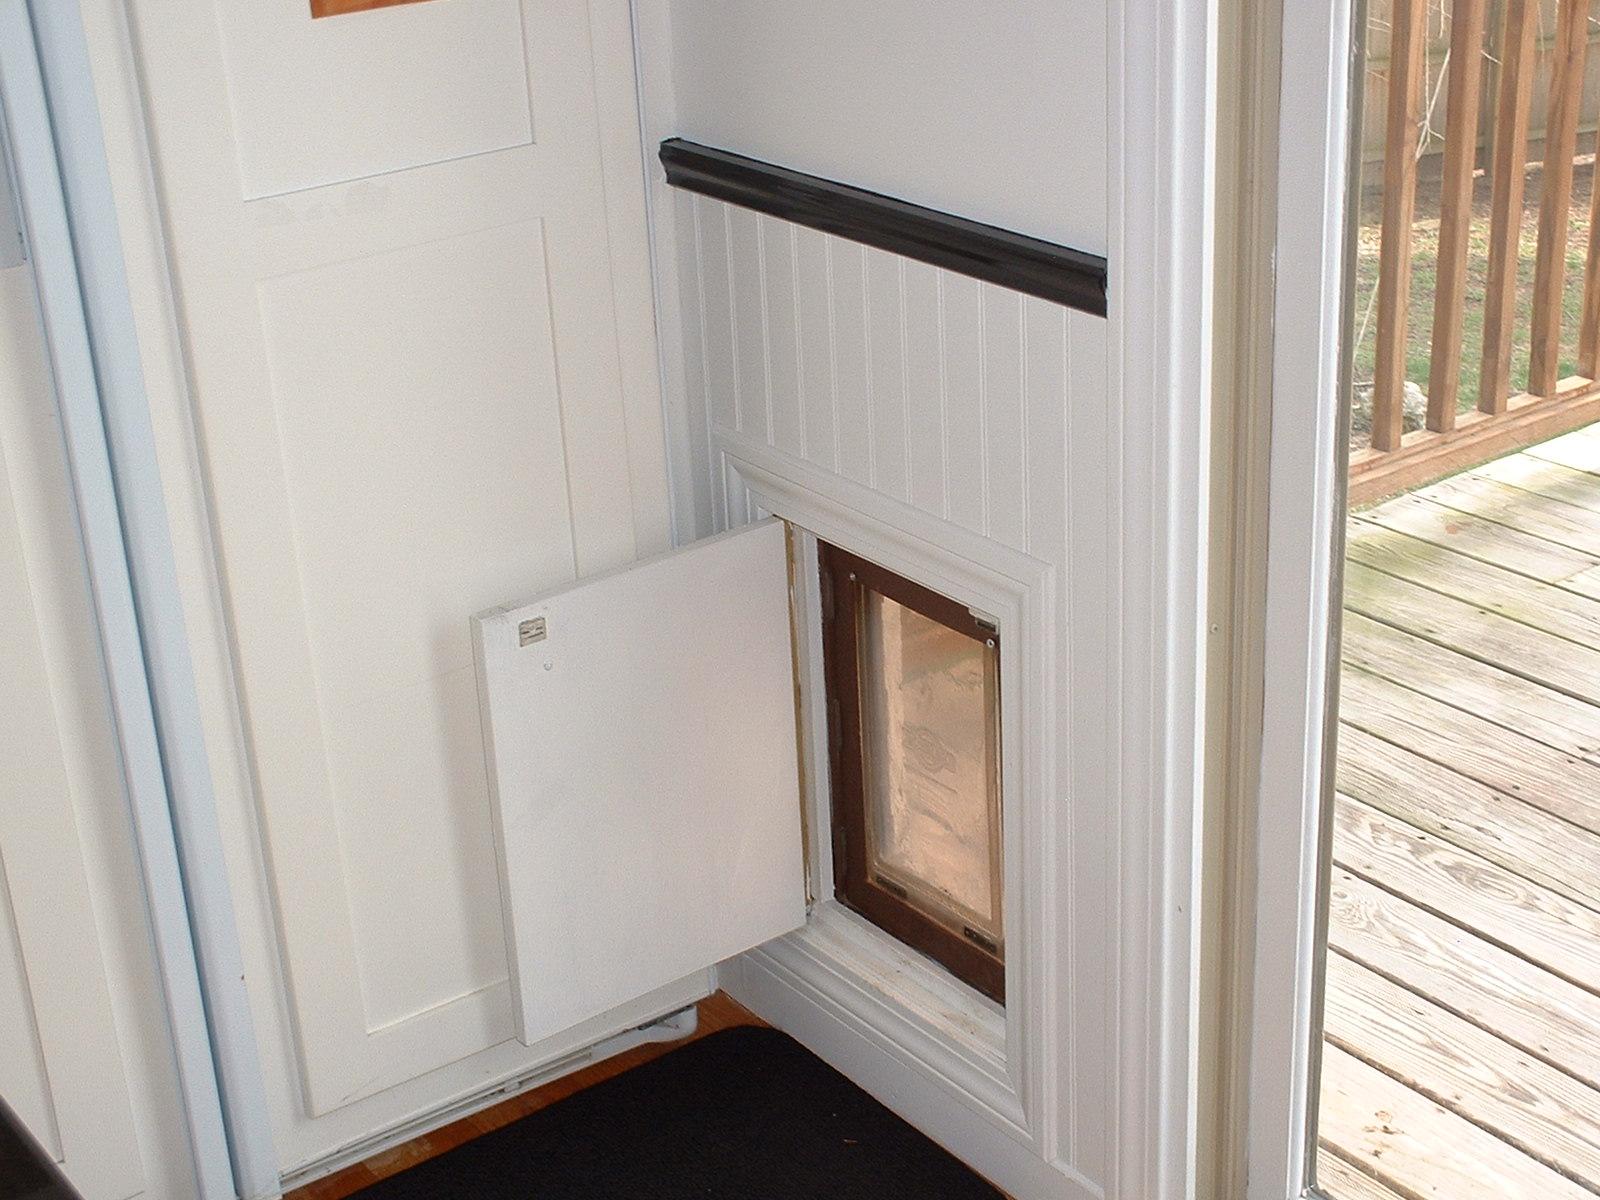 wall dog door photo - 7